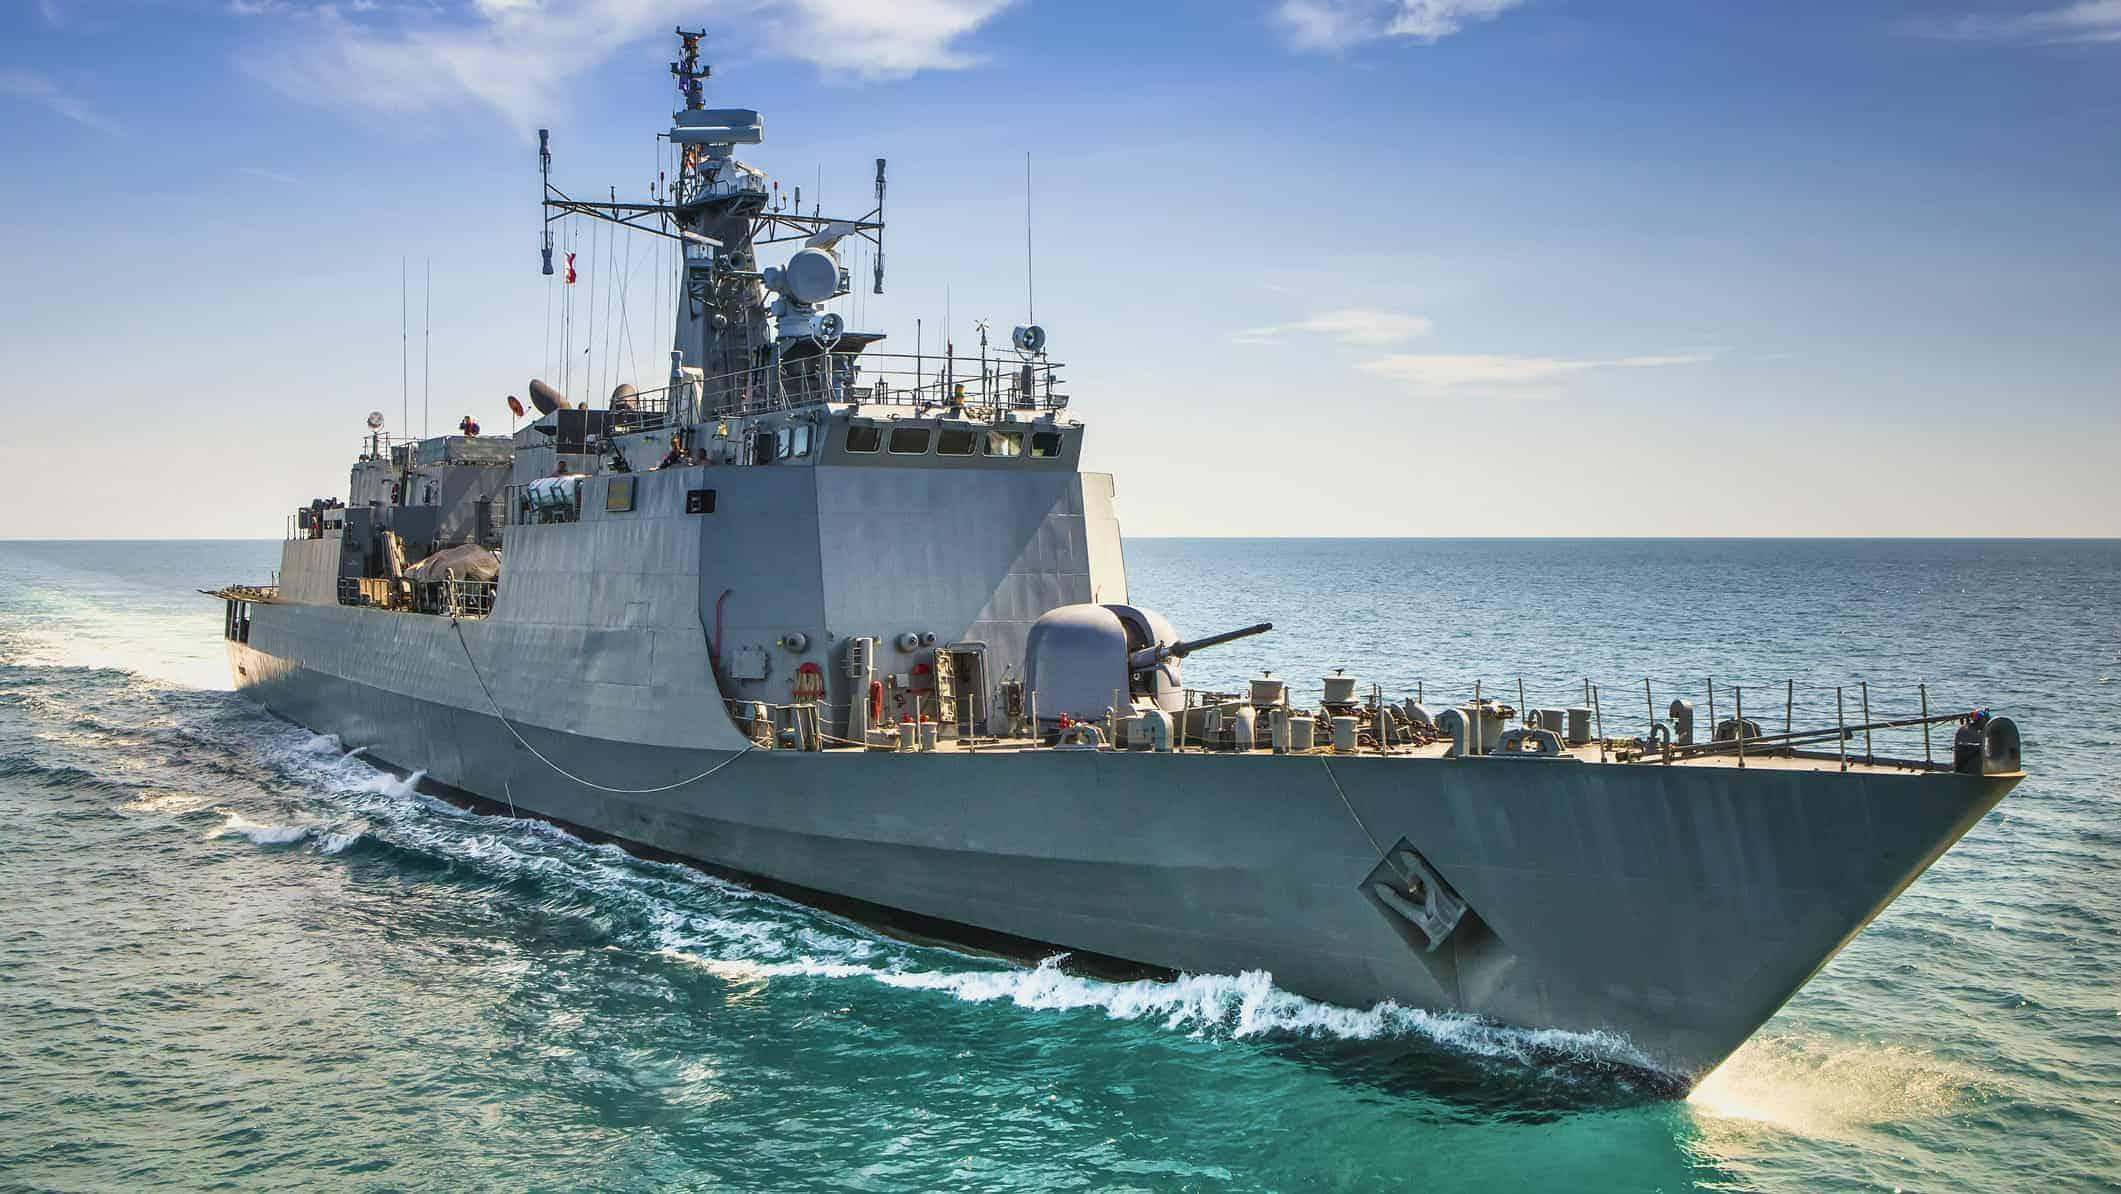 Naval war ship